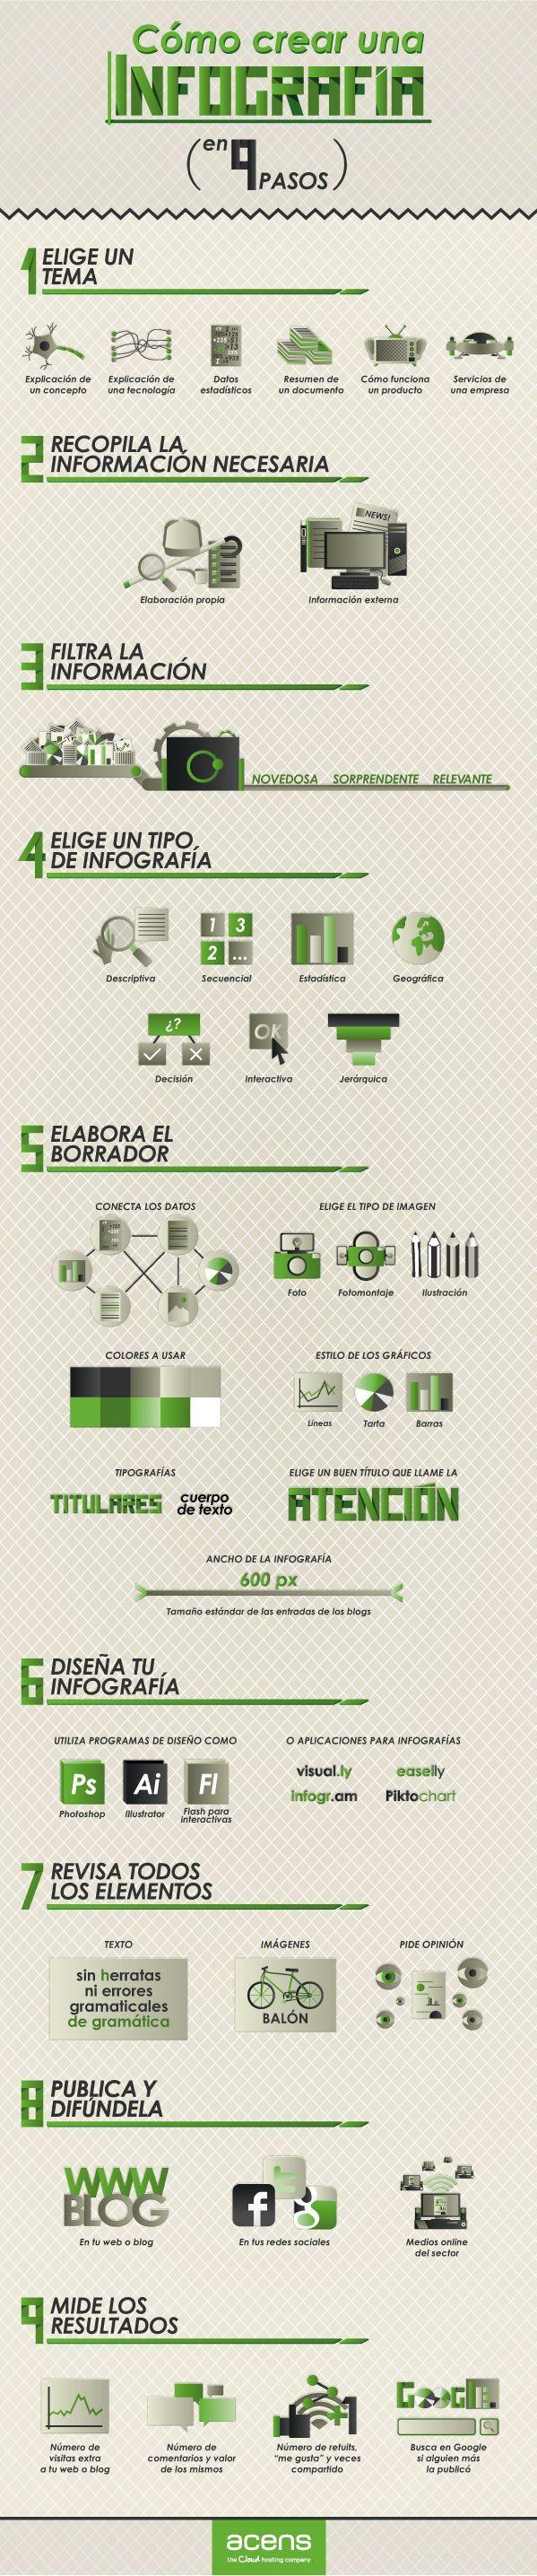 Cómo crear una infografía en 9 pasos #infografia #infographic #design